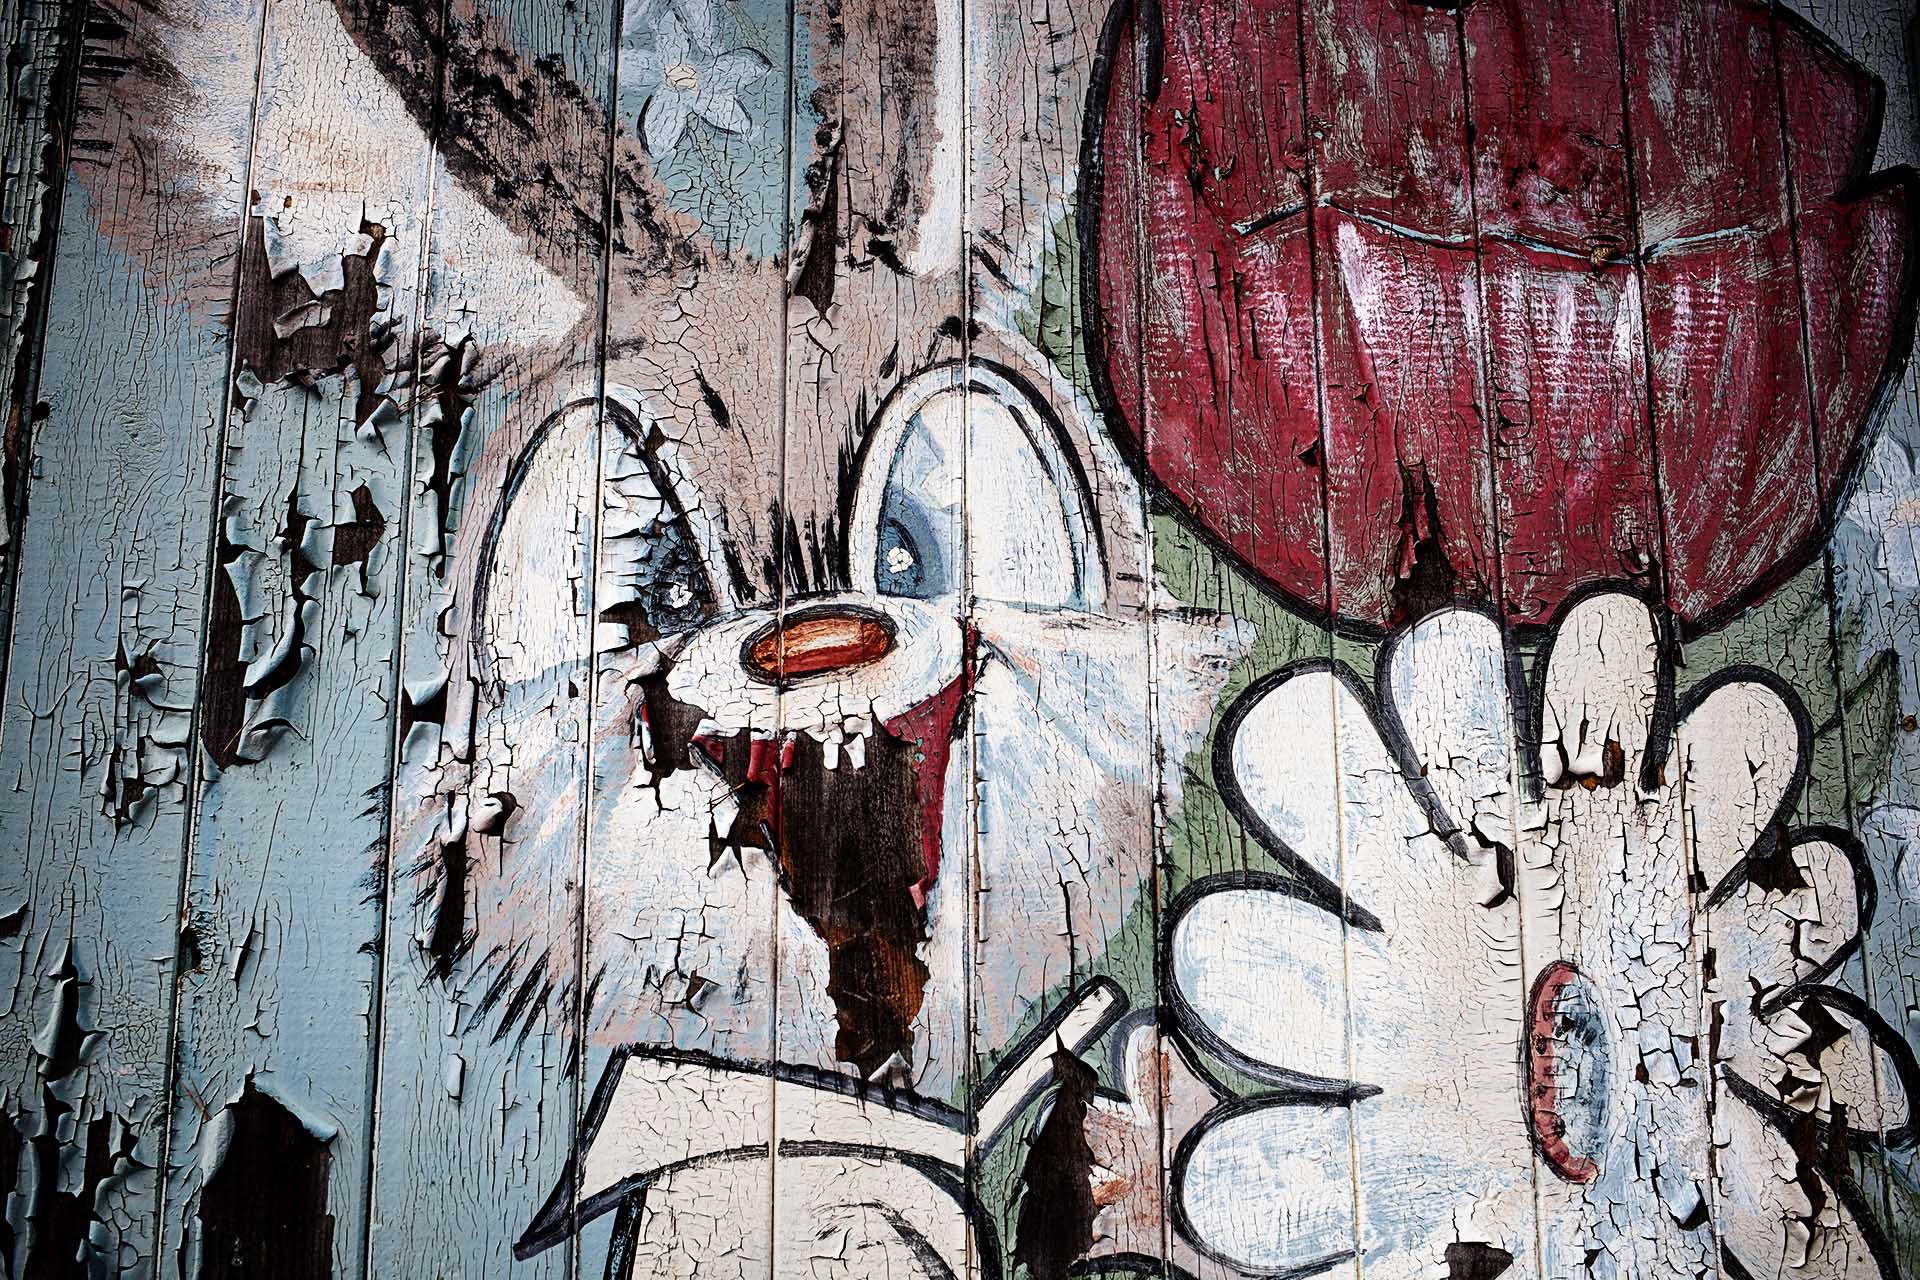 Pintura infantil de una zona de recreo abandonada.